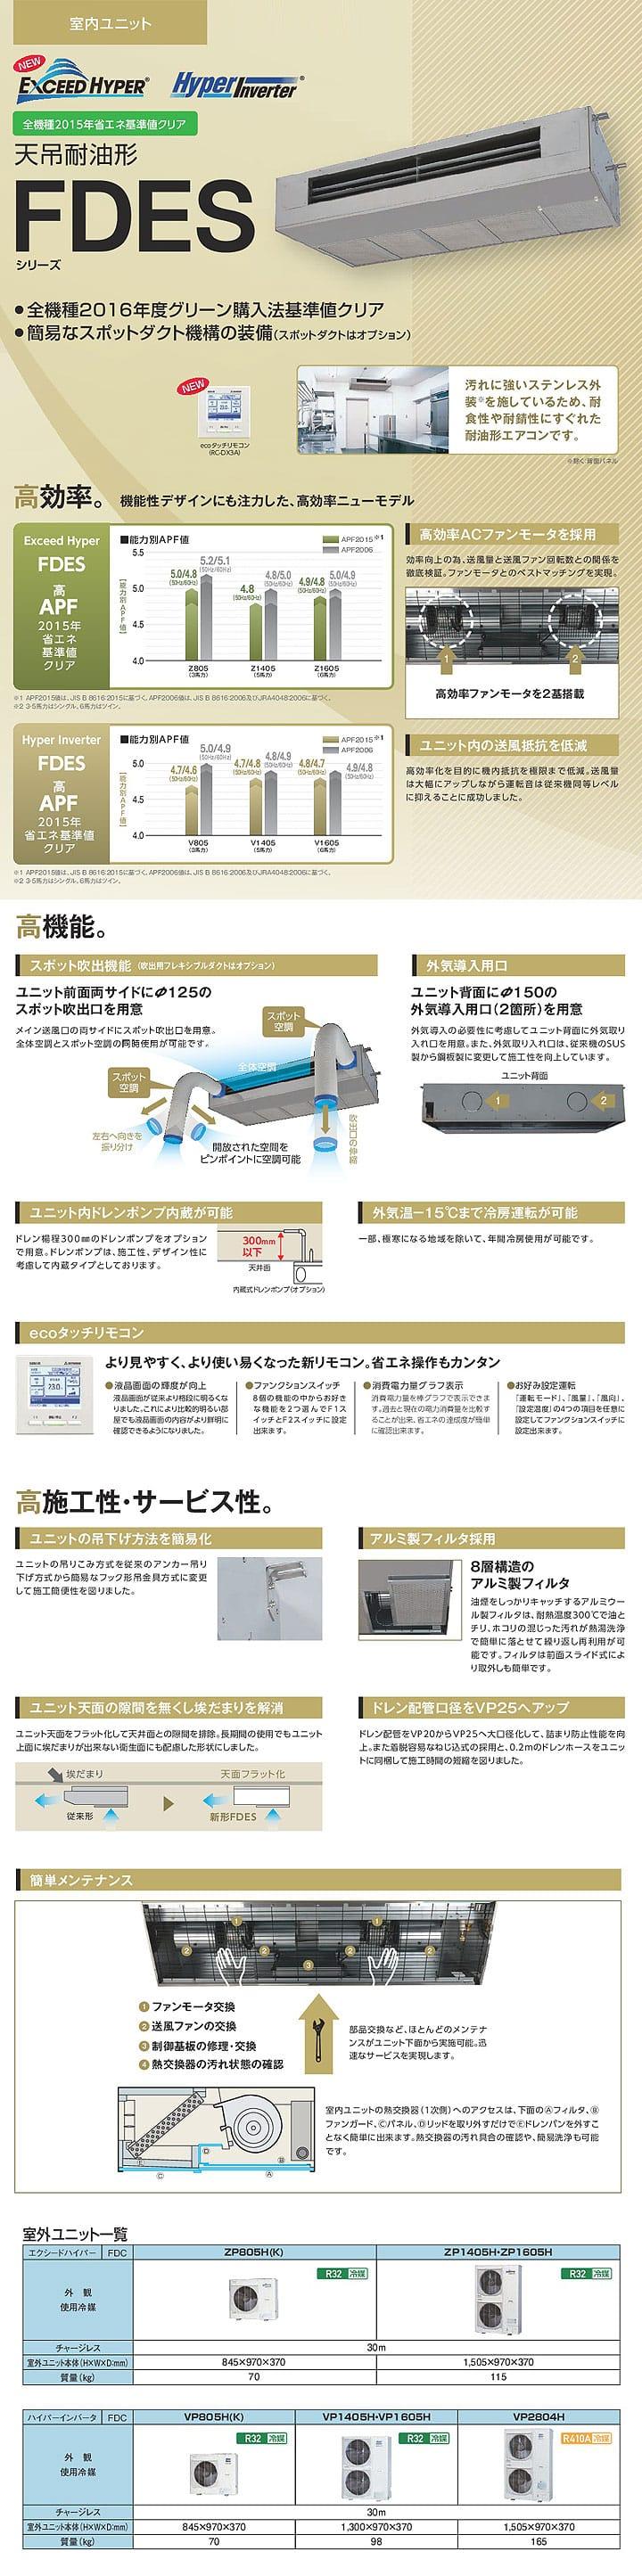 三菱重工 FDESV1405H4B 業務用エアコン